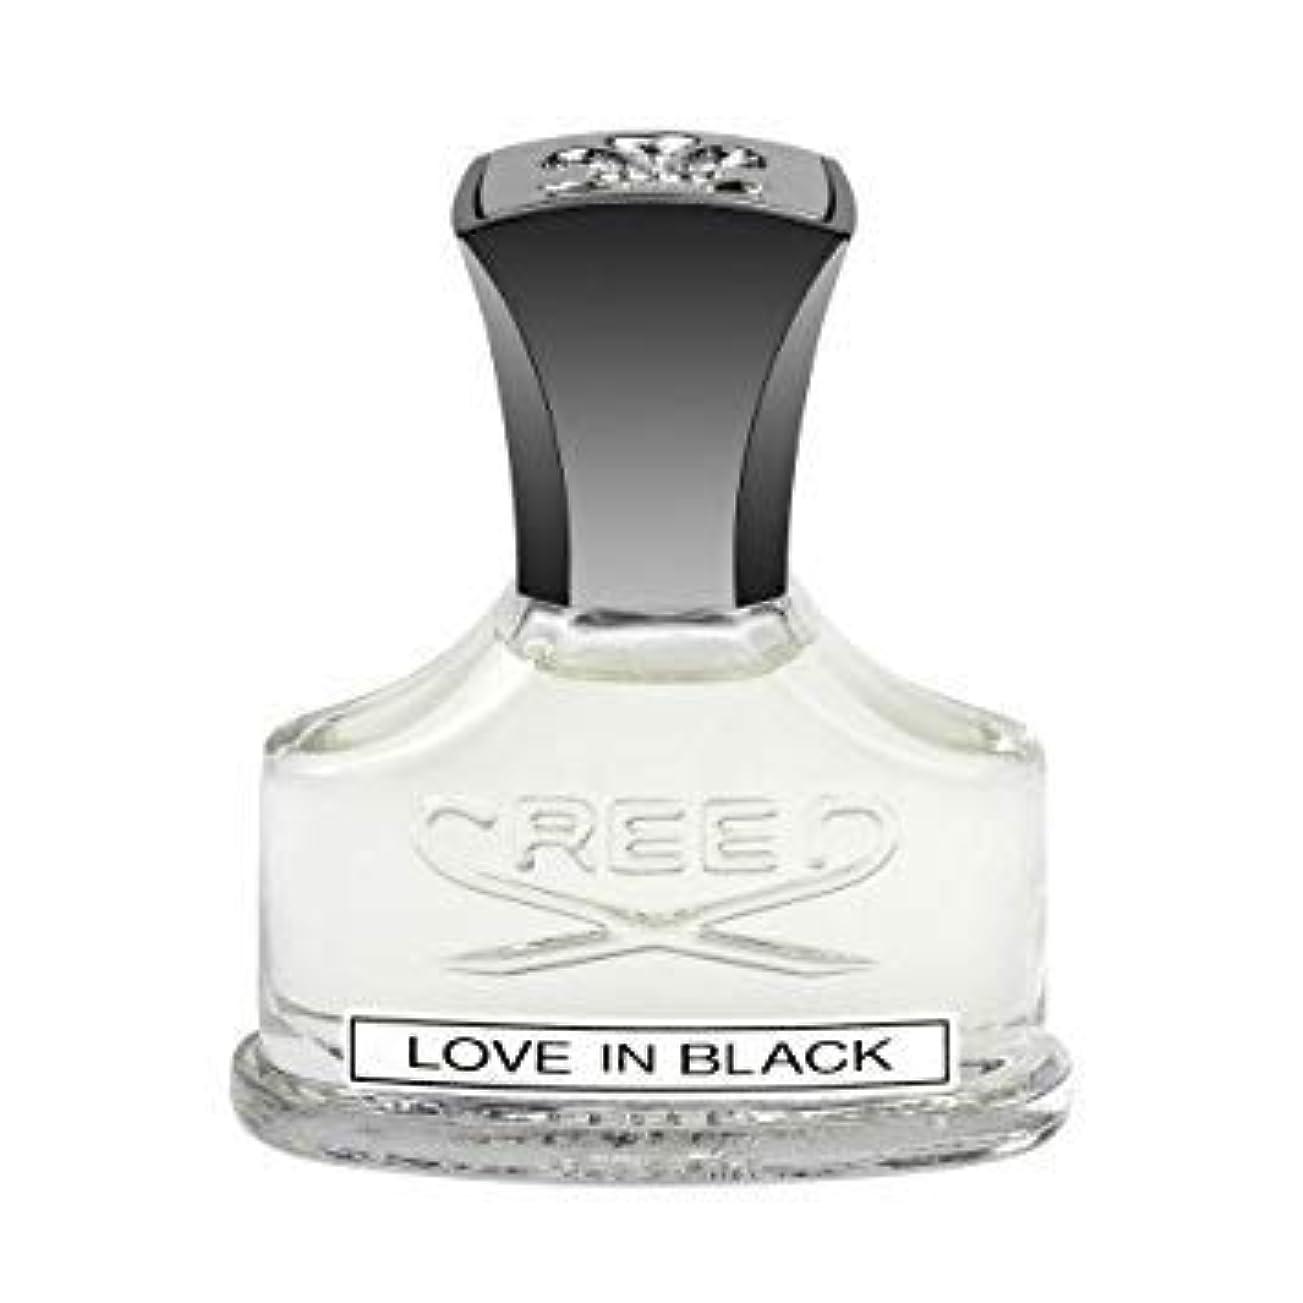 芽トレーダー作りCreed Love In Black (クリード ラブインブラック) 1.0 oz (30ml) EDP Spray Unboxed(箱なし)by Creed for Women